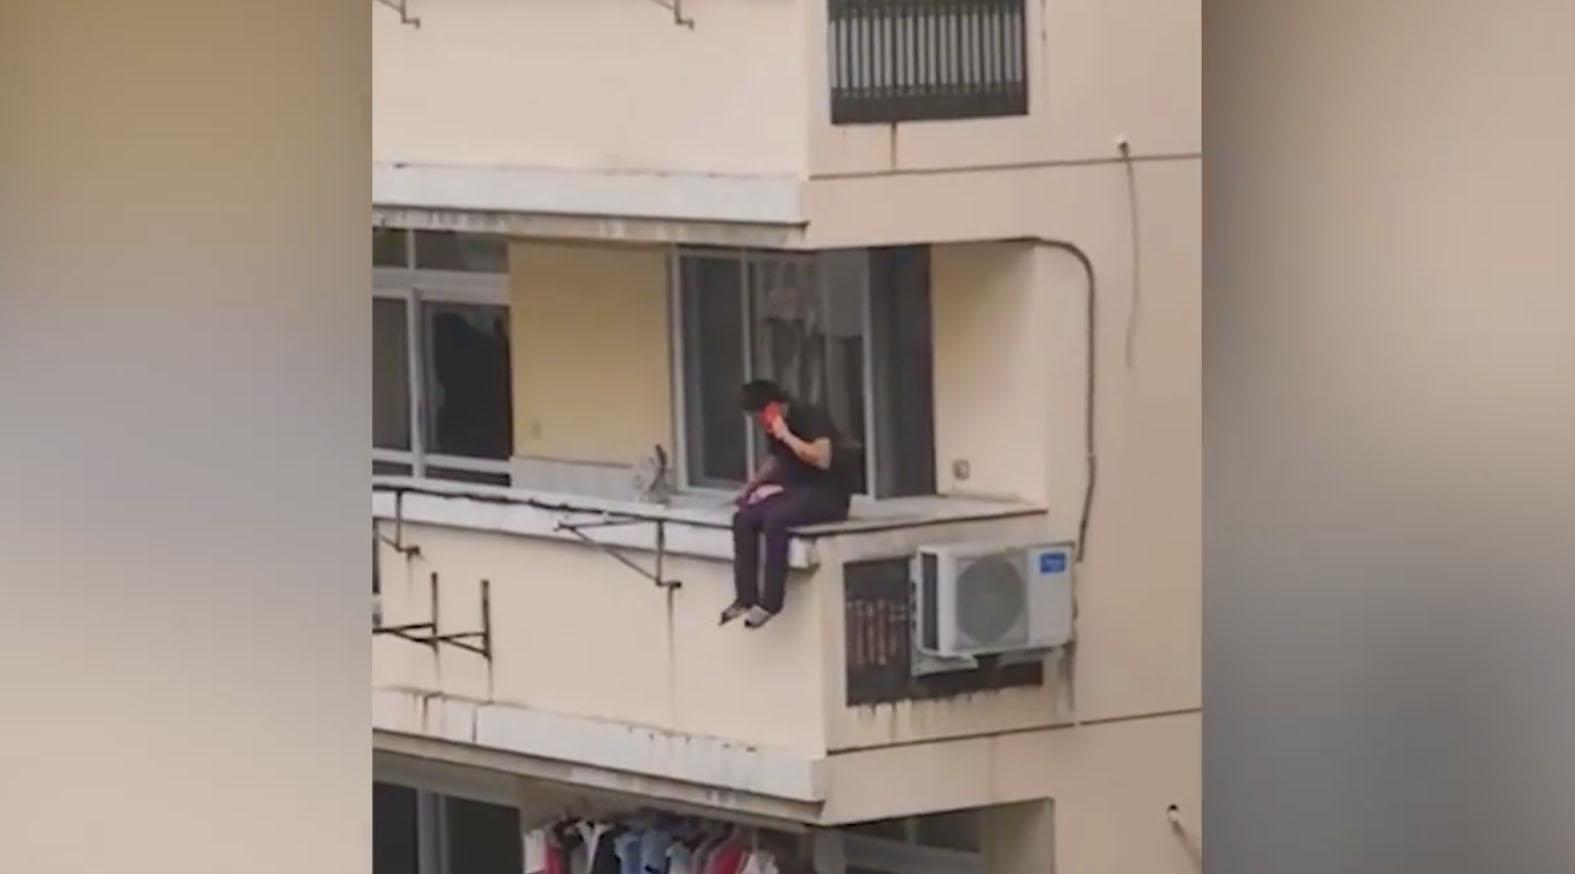 男子持刀抢劫不成坠楼身亡 受害母子成功逃脱